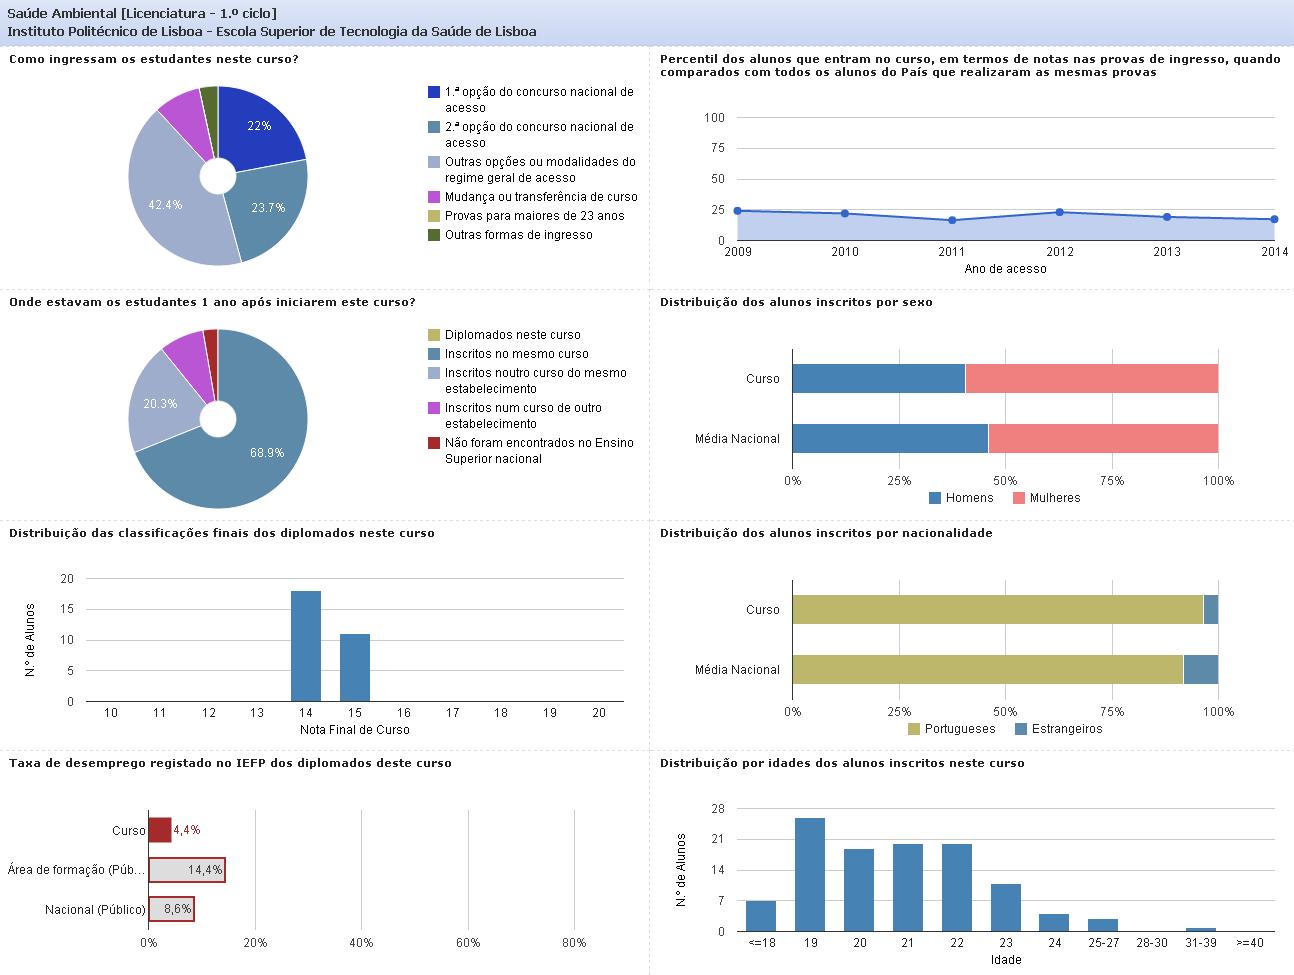 Dados e Estatísticas do Curso de Licenciatura em Saúde Ambiental (ESTeSL)